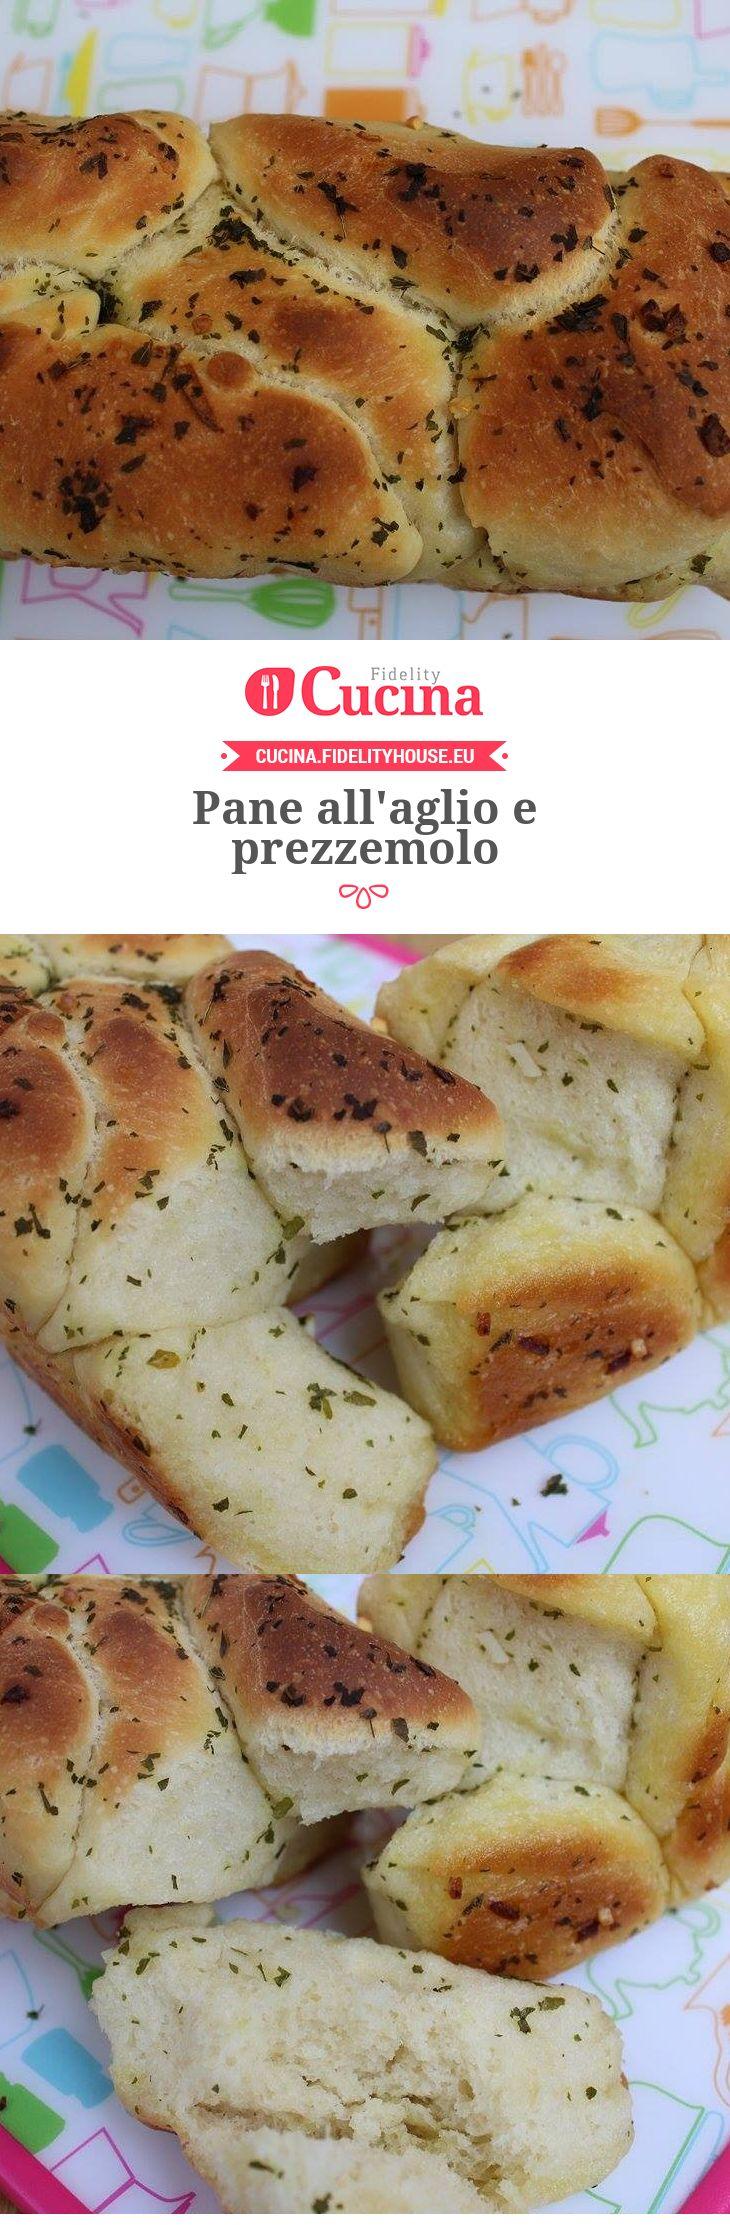 Pane all'aglio e prezzemolo